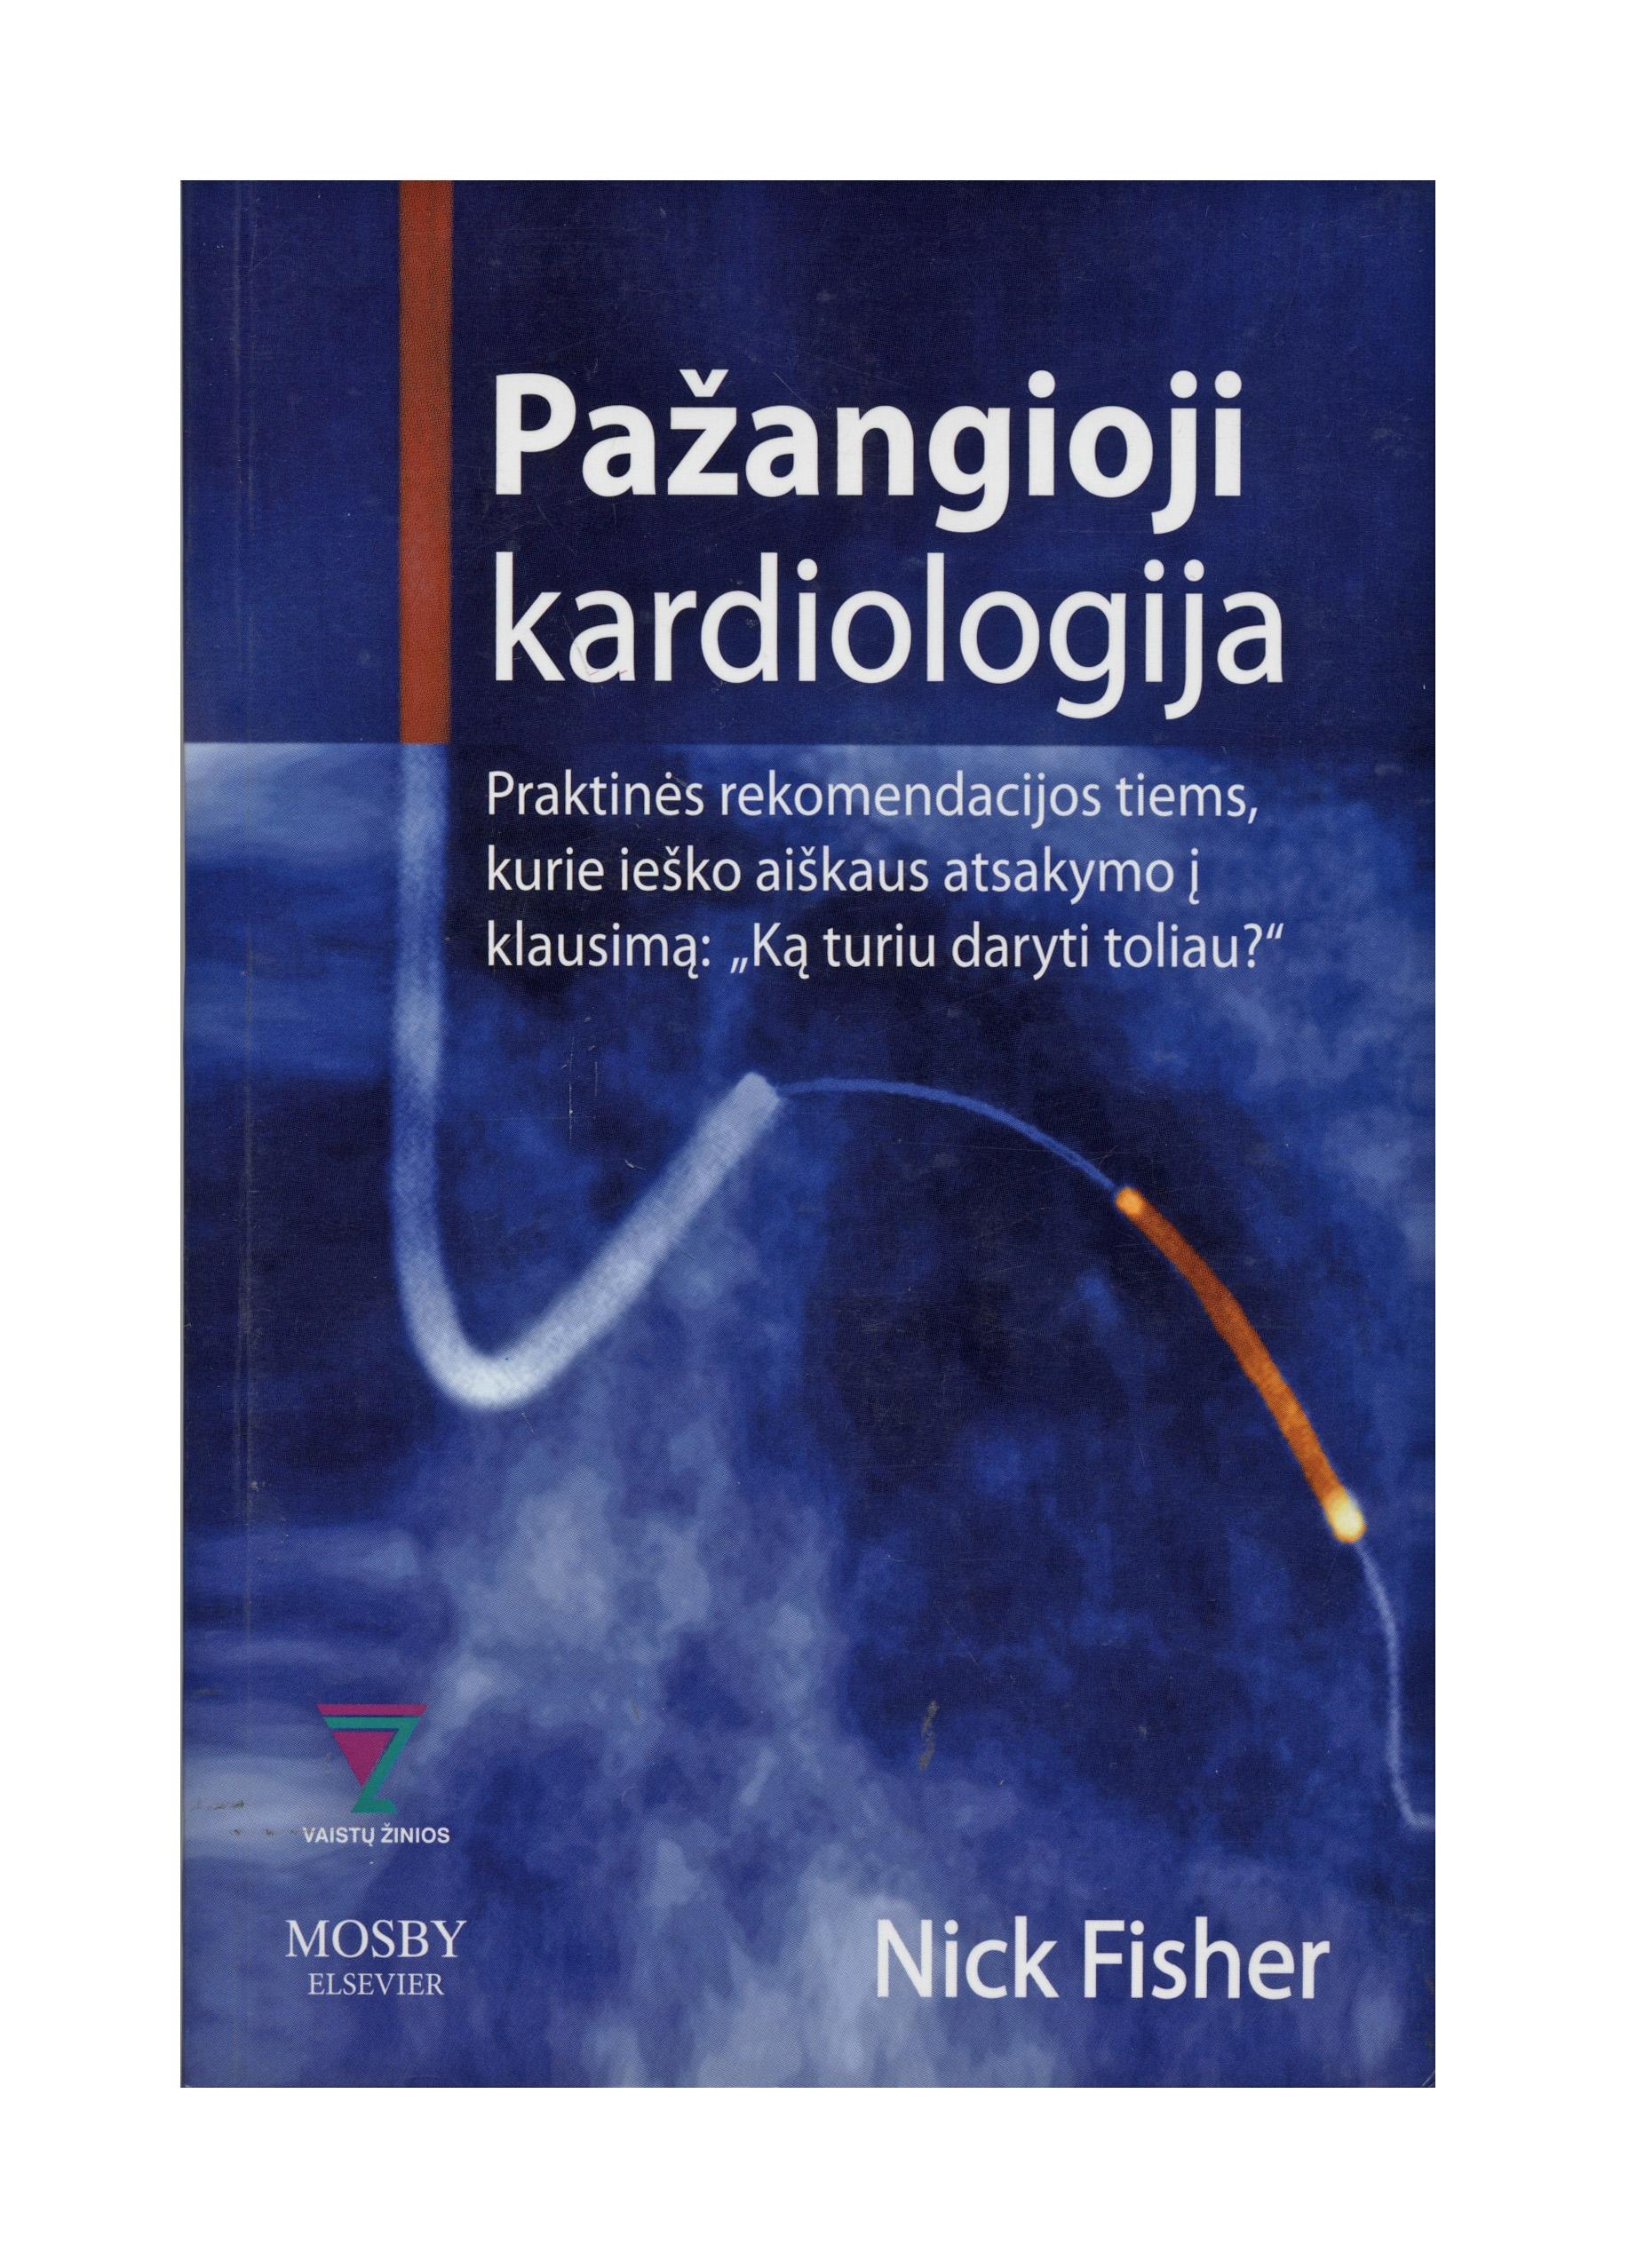 knygos apie kardiologinę hipertenziją